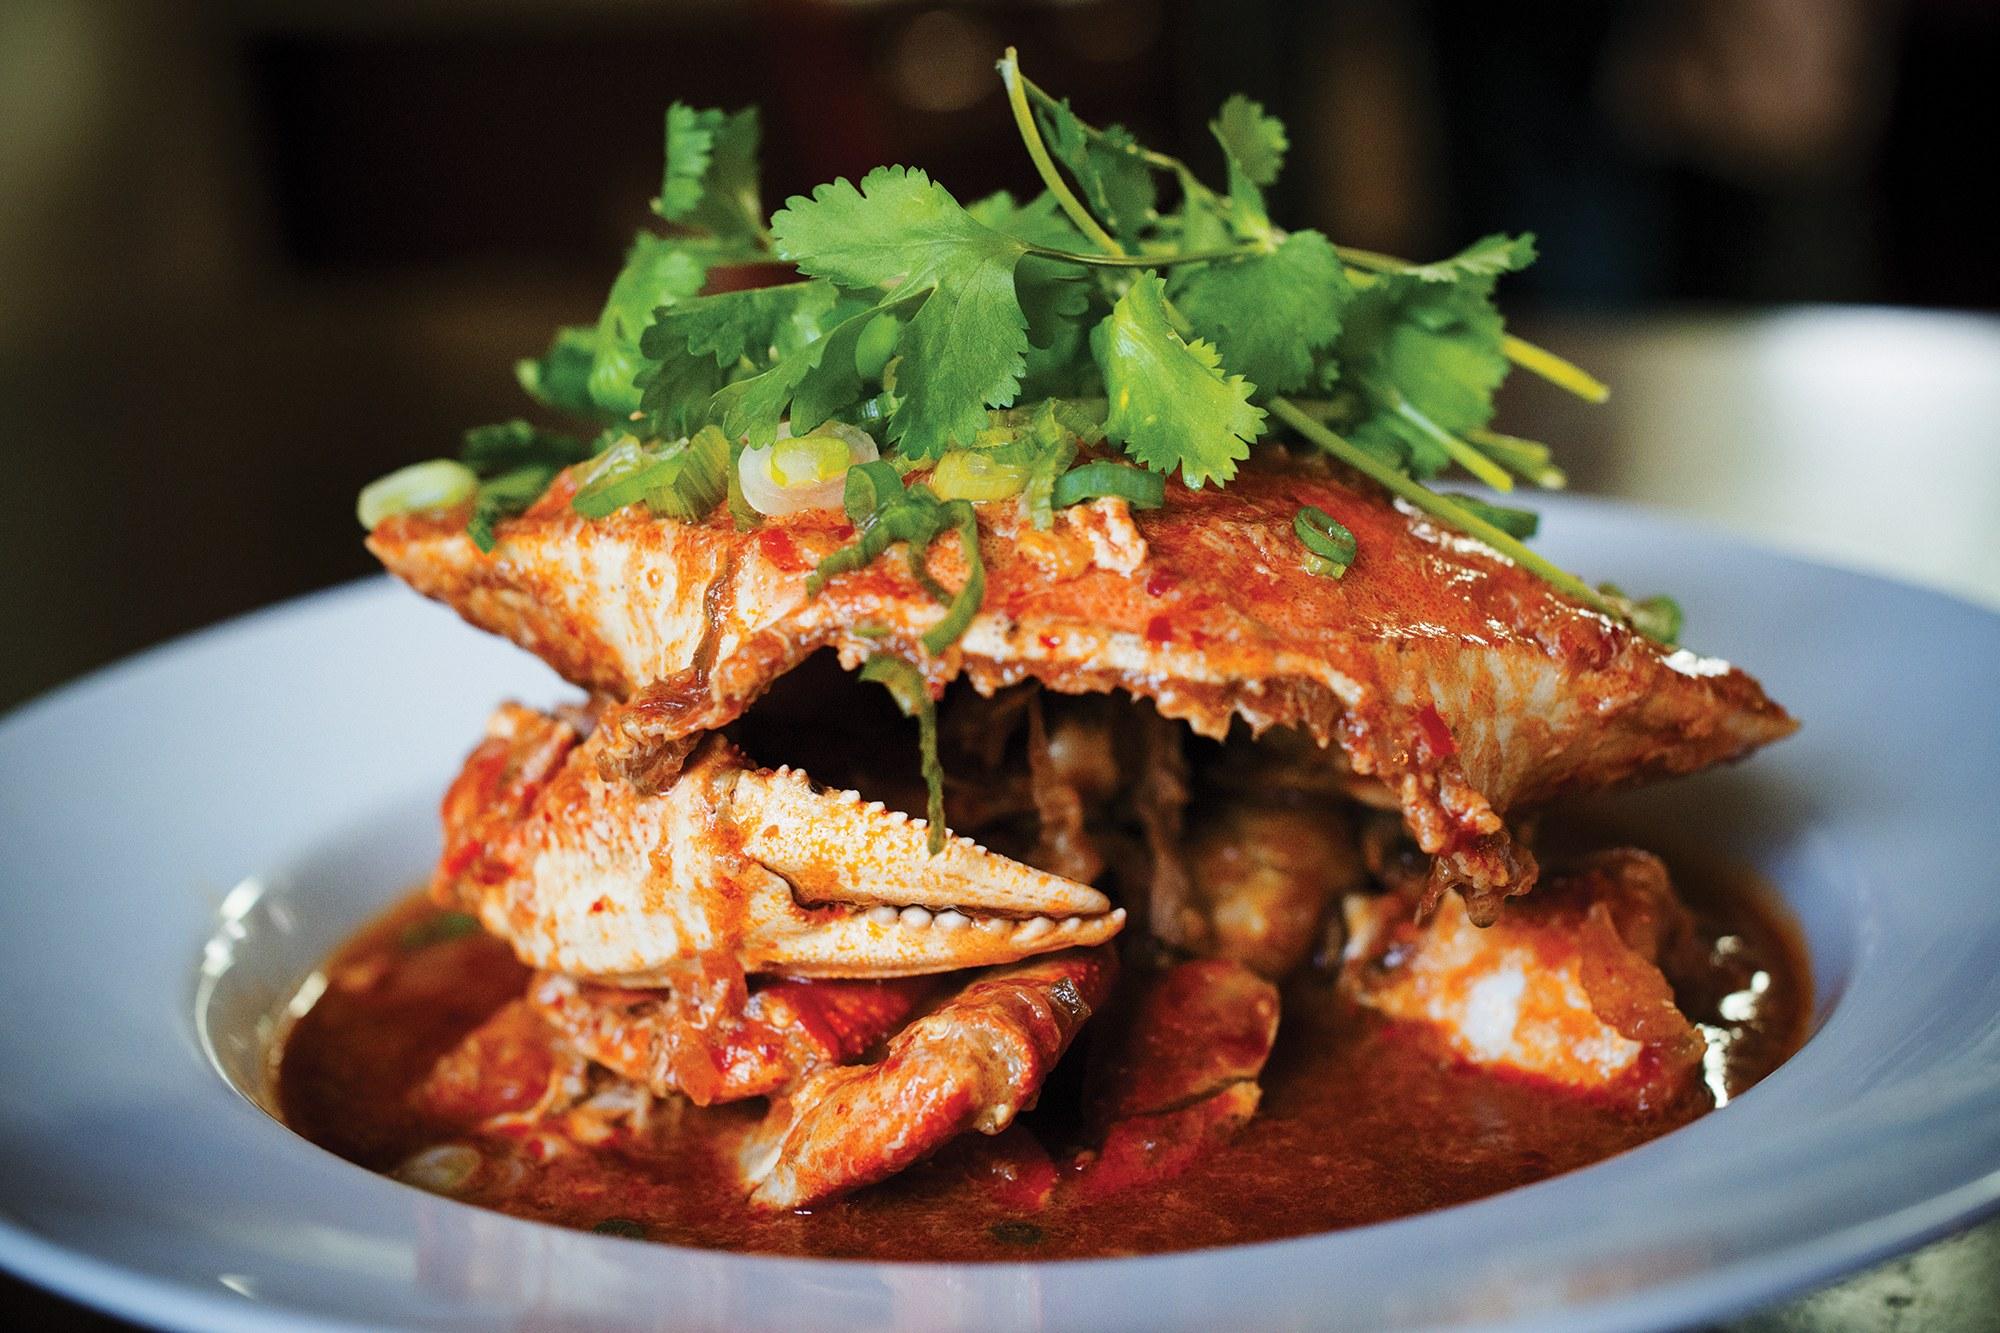 https://www.b2c.jp/blog/img/singaporean-chili-crab-042317.jpg